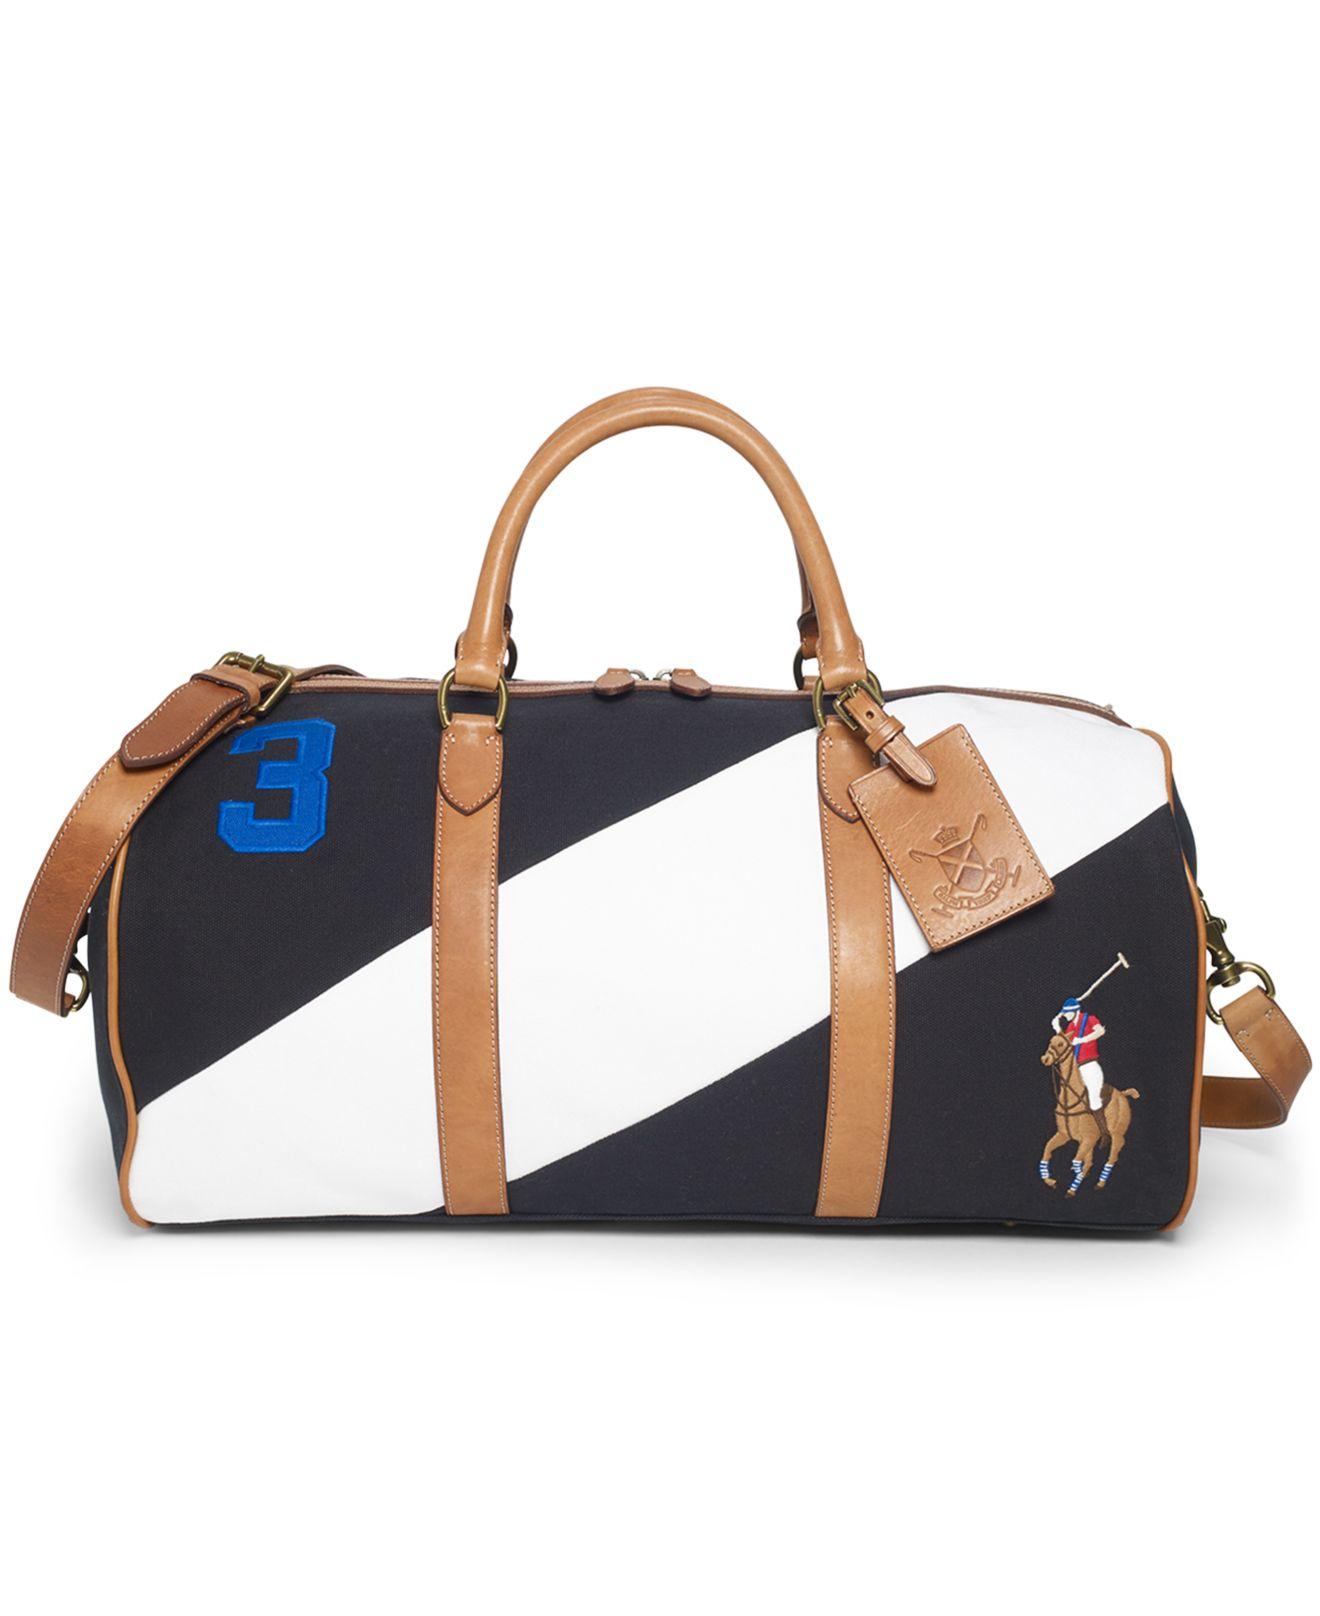 85535850a74 Ralph Lauren Duffle Bag Blue   ReGreen Springfield